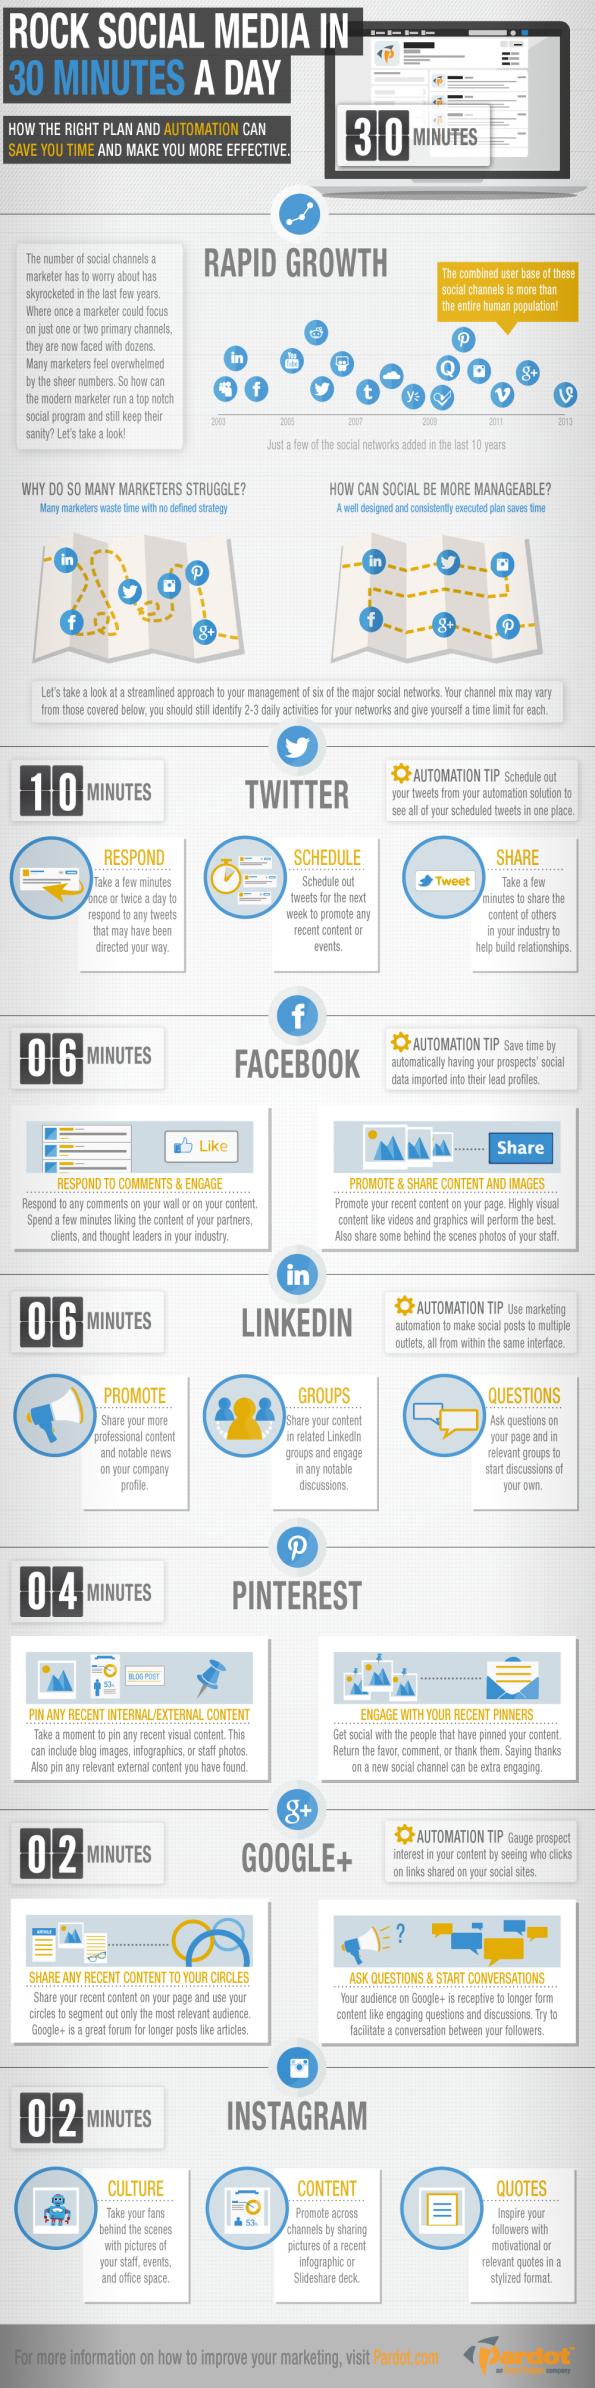 Het 30-minuten plan - zo hou jij deze zomer je social media-accounts effectief bij [infographic]